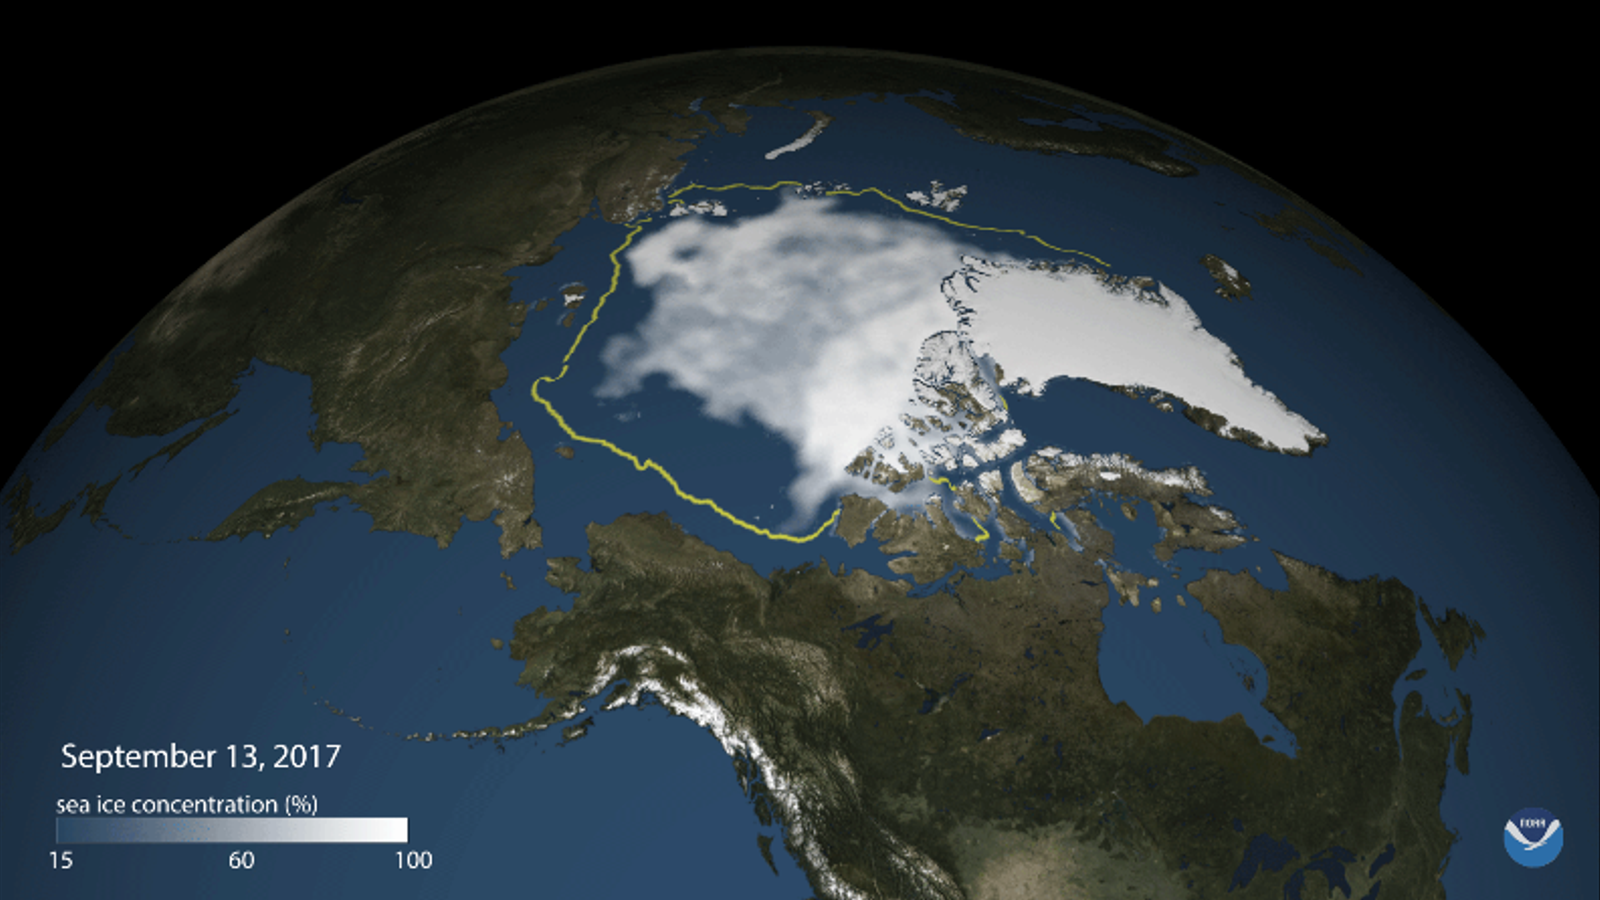 El vuitè any amb menys gel marí a l'Àrtic des del 1979